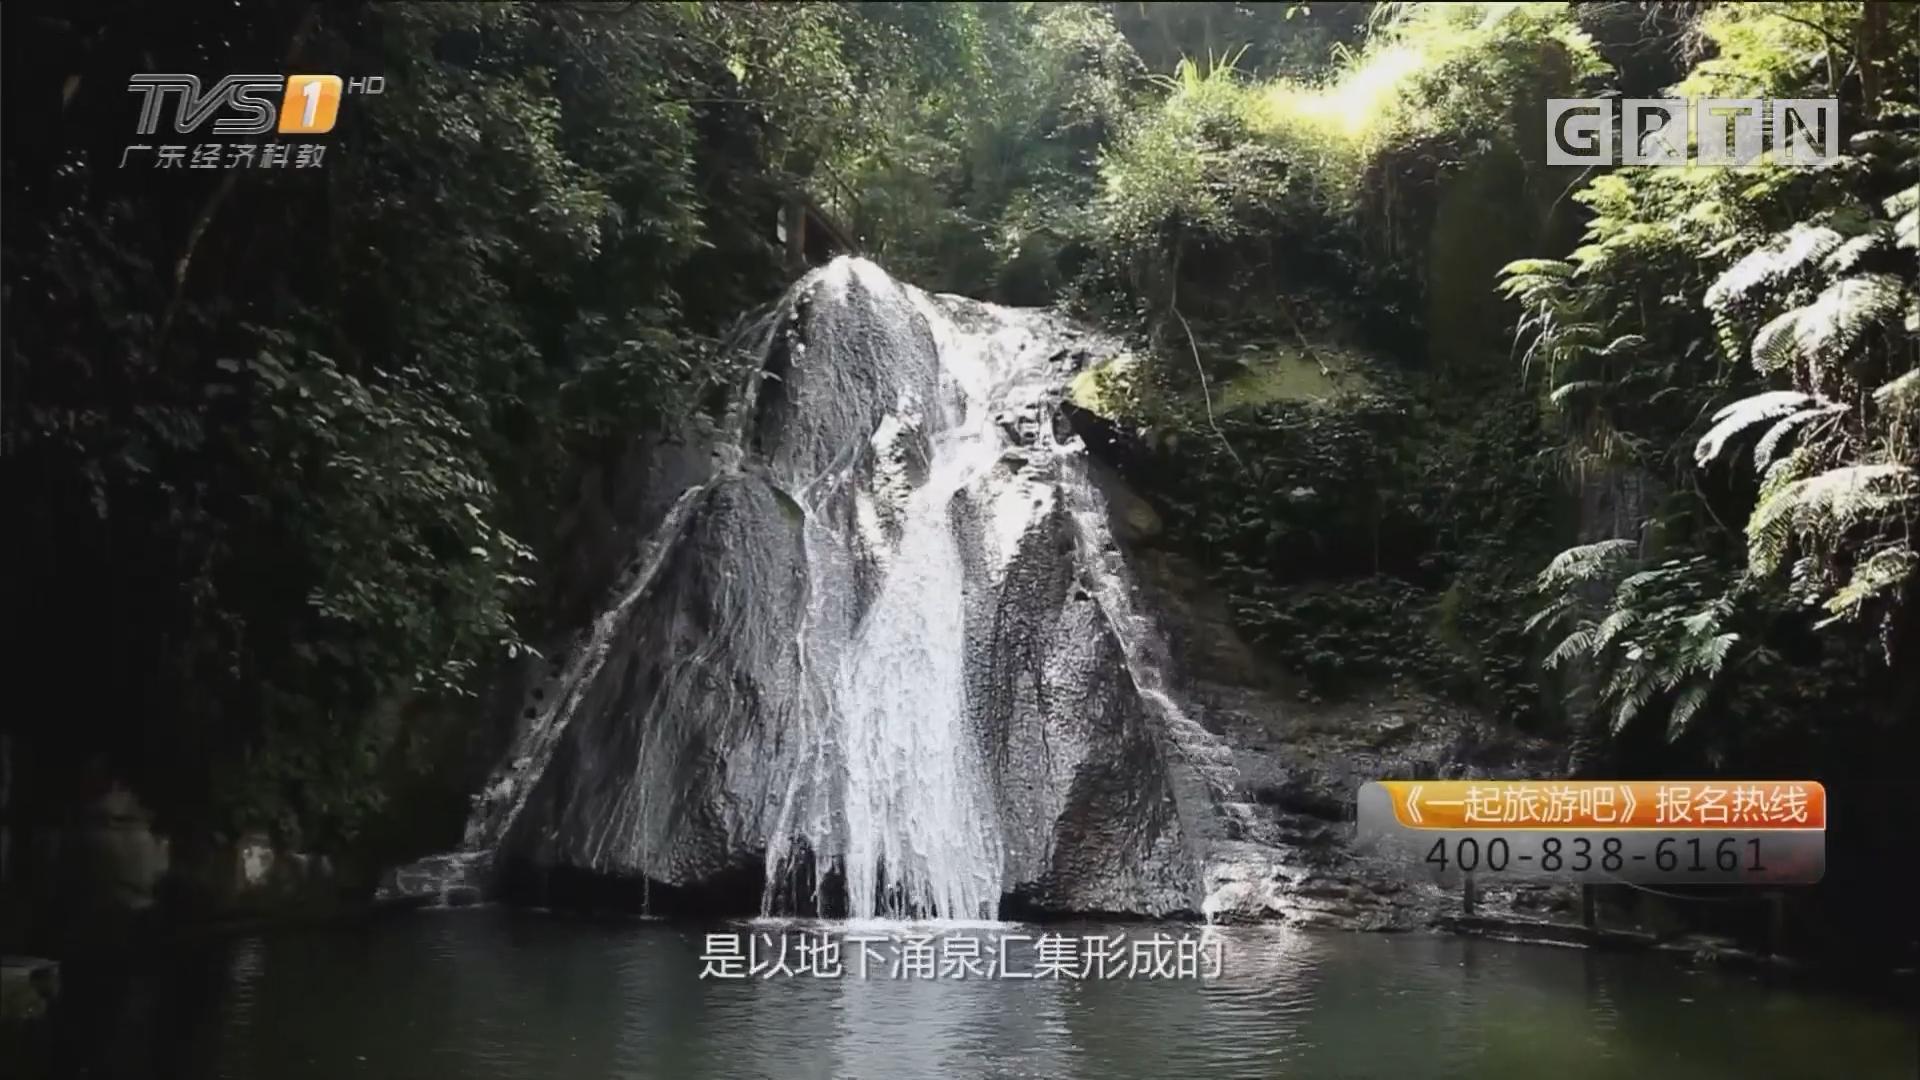 广西——古东森林瀑布